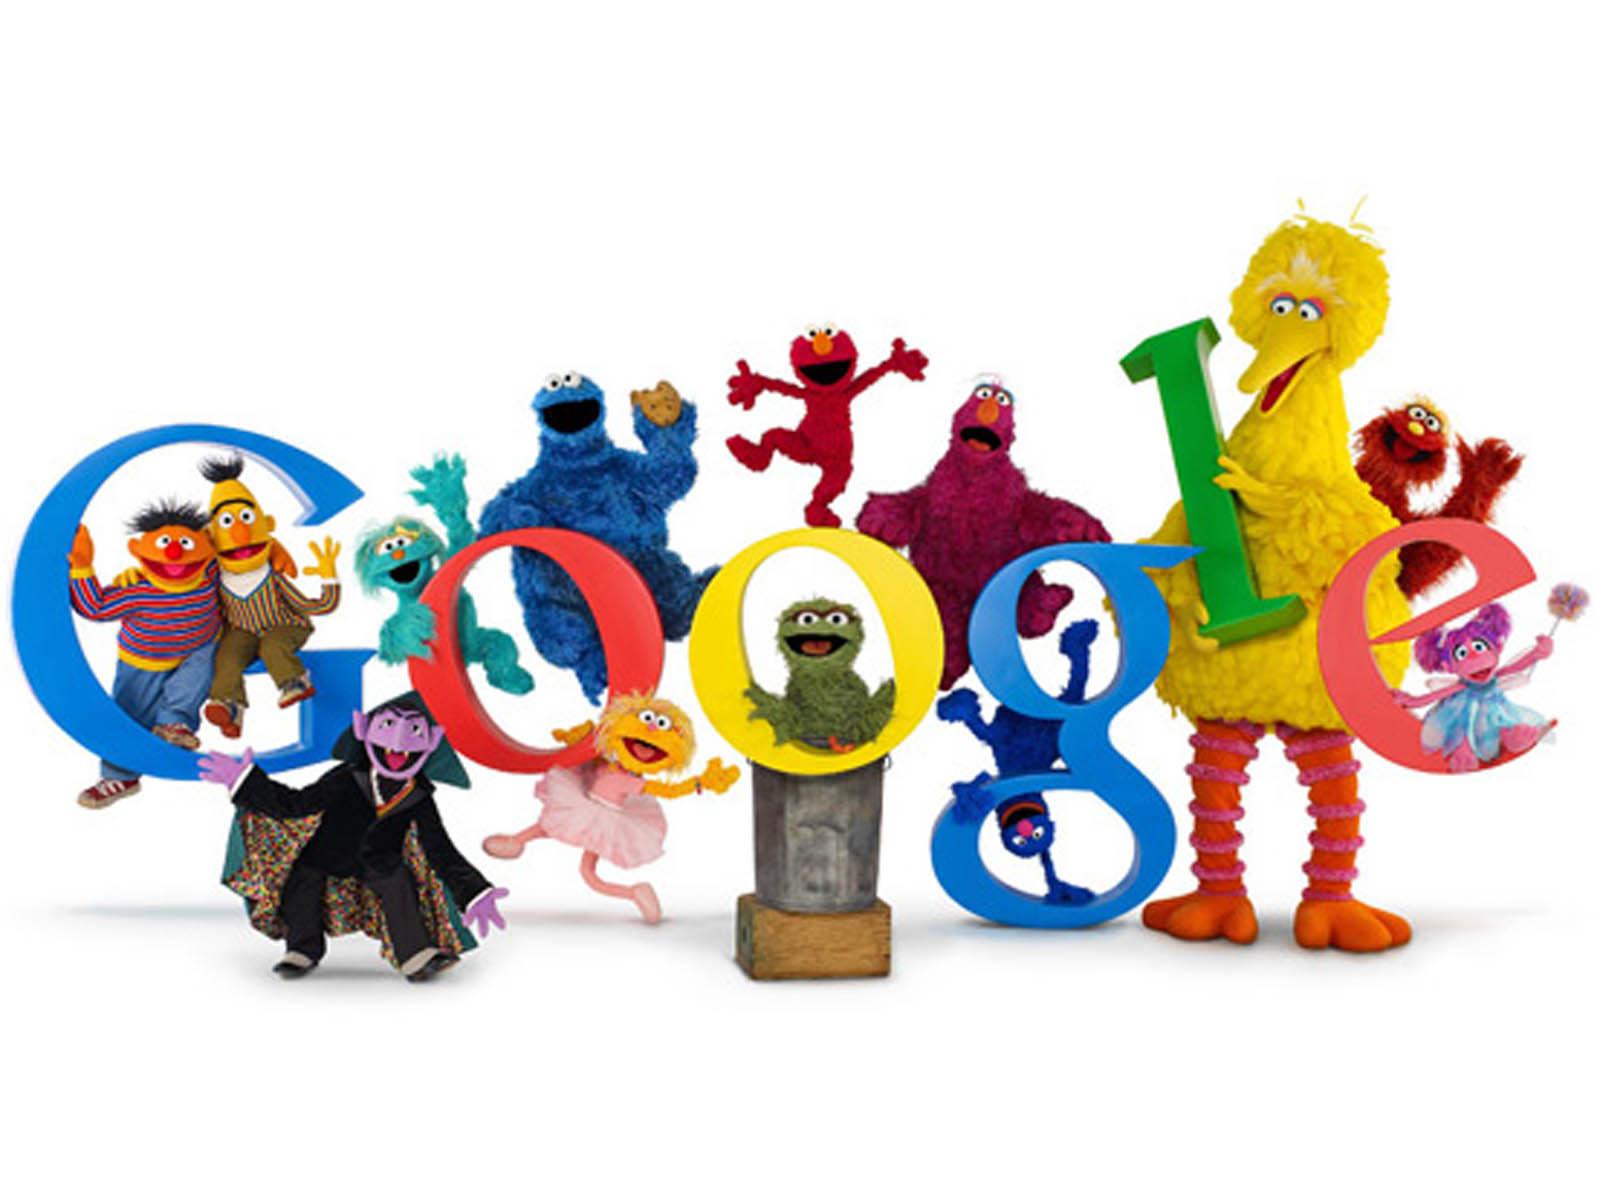 Google Images Wallpapers Free - WallpaperSafari